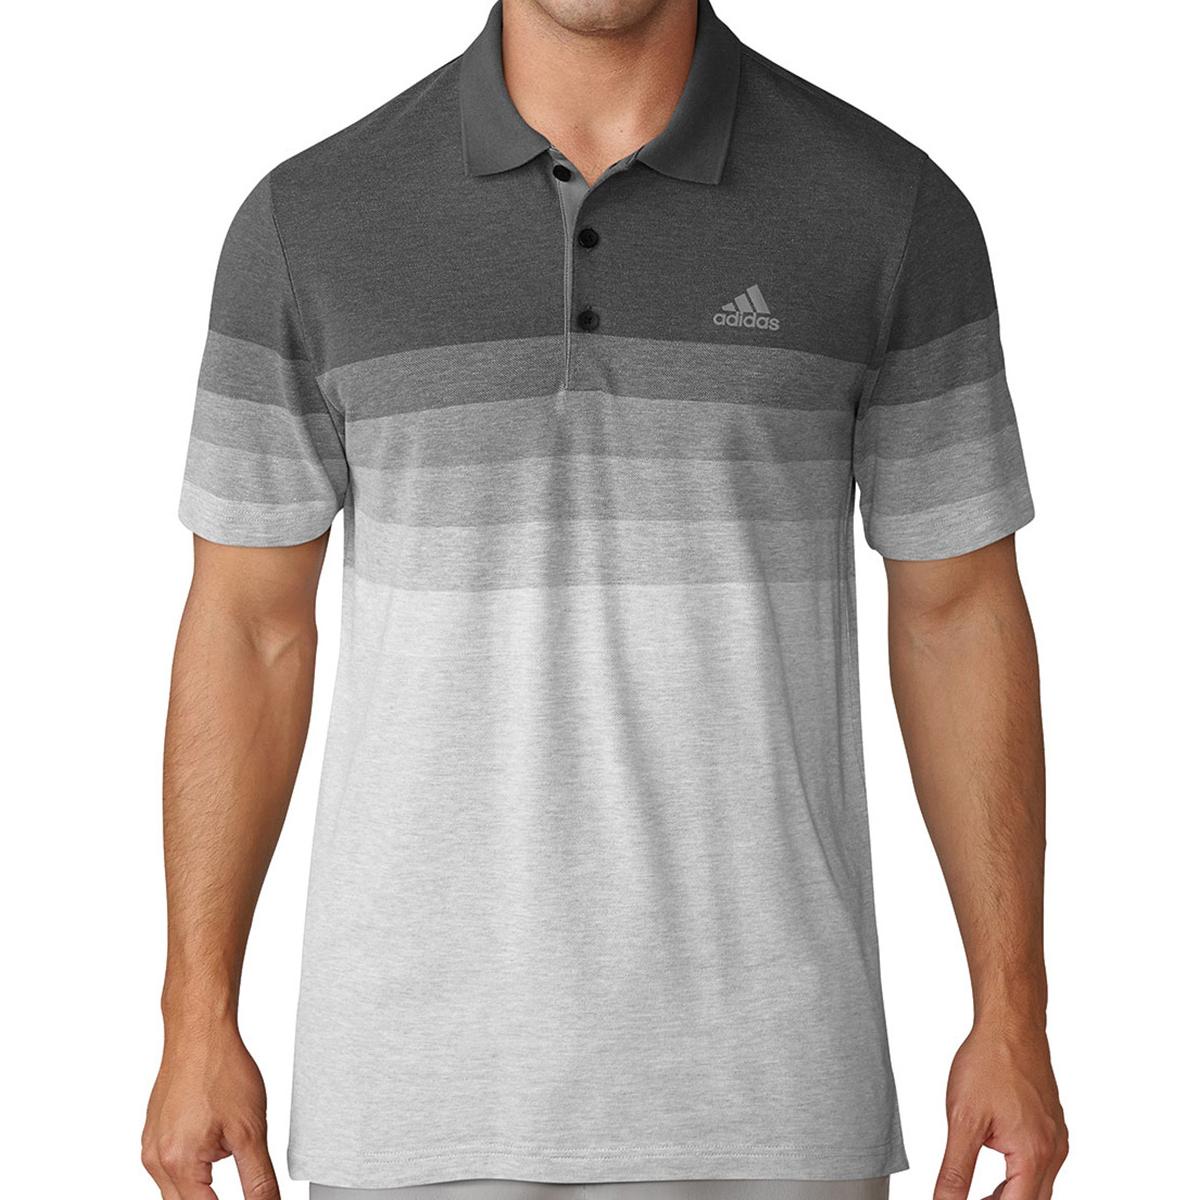 0c5bc8f8 adidas Golf Gradient Piqué Polo Shirt